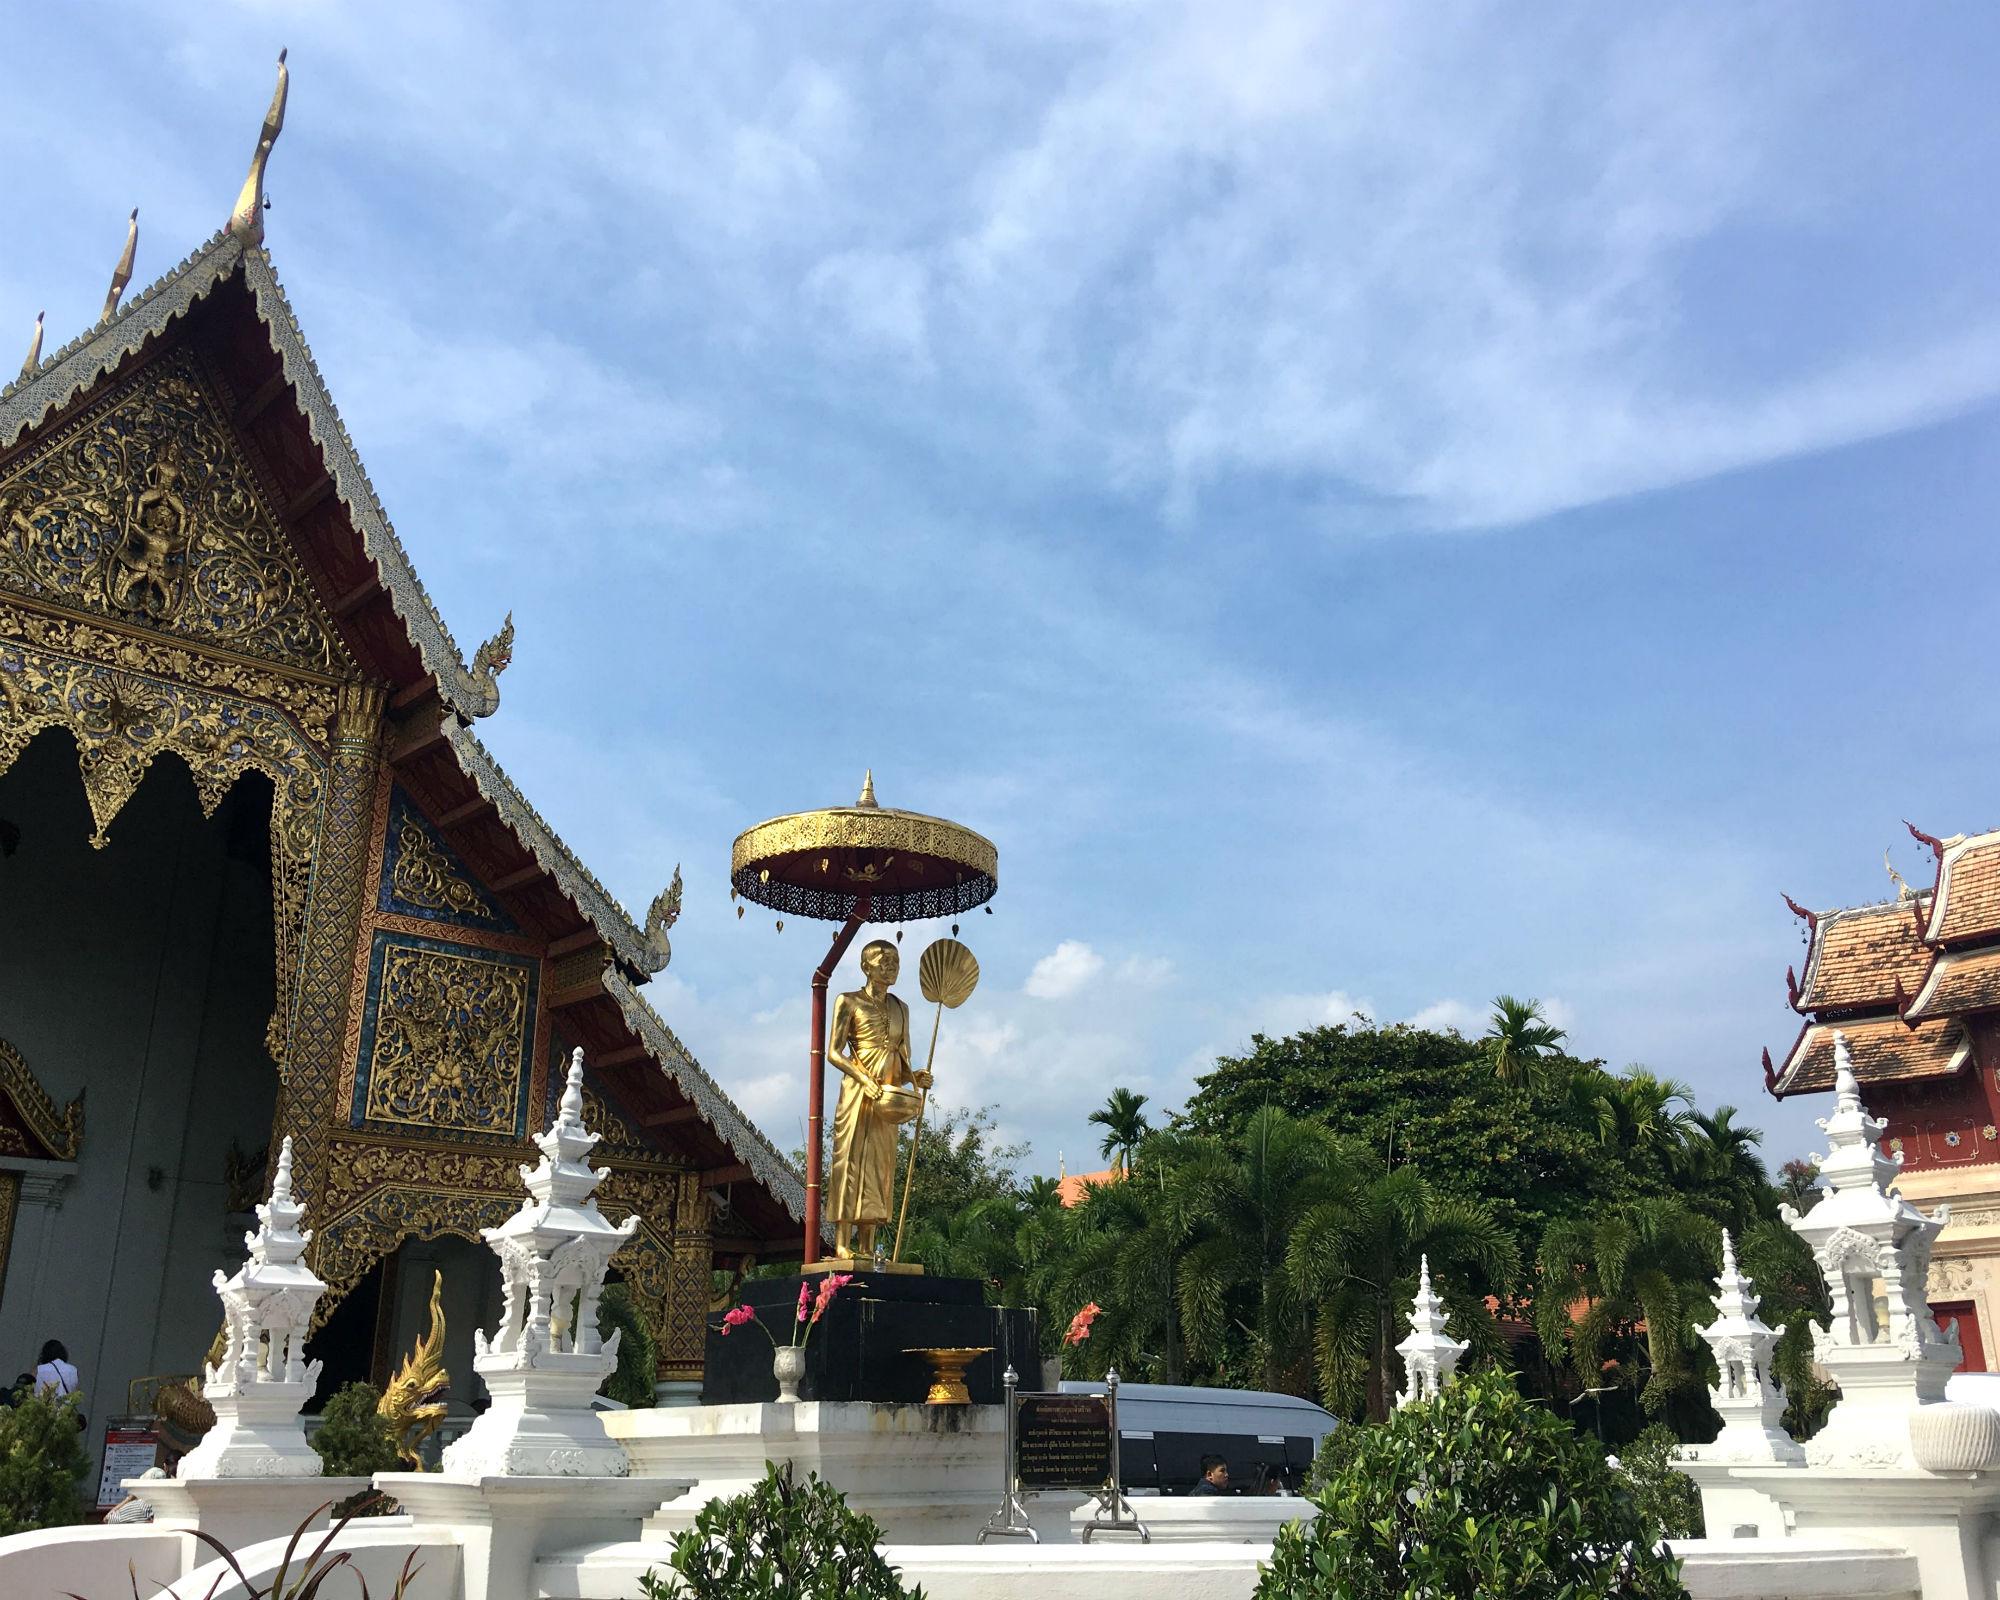 Ein Tempelbesuch sollte man sich nicht entgehen lassen, z.B. beim Wat Phra Singh